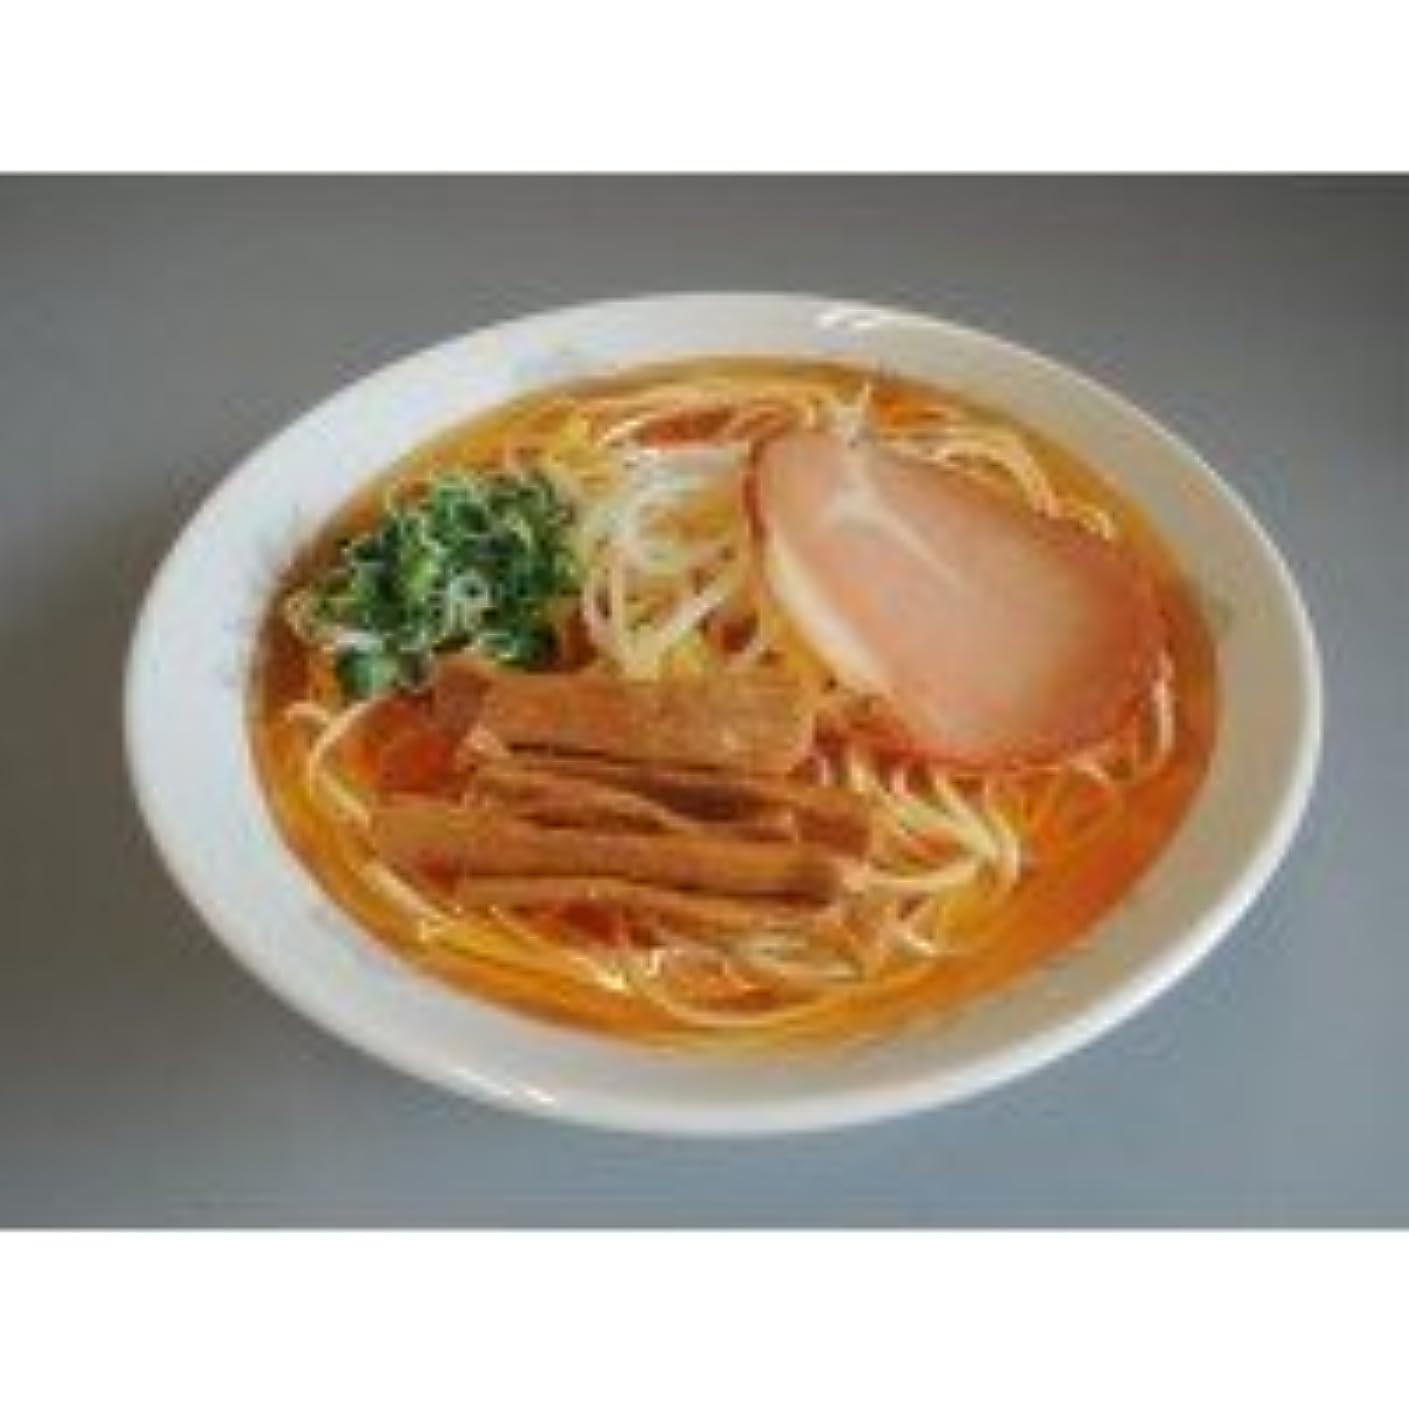 思いやりショッキング櫛日本職人が作る 食品サンプル ラーメン IP-163